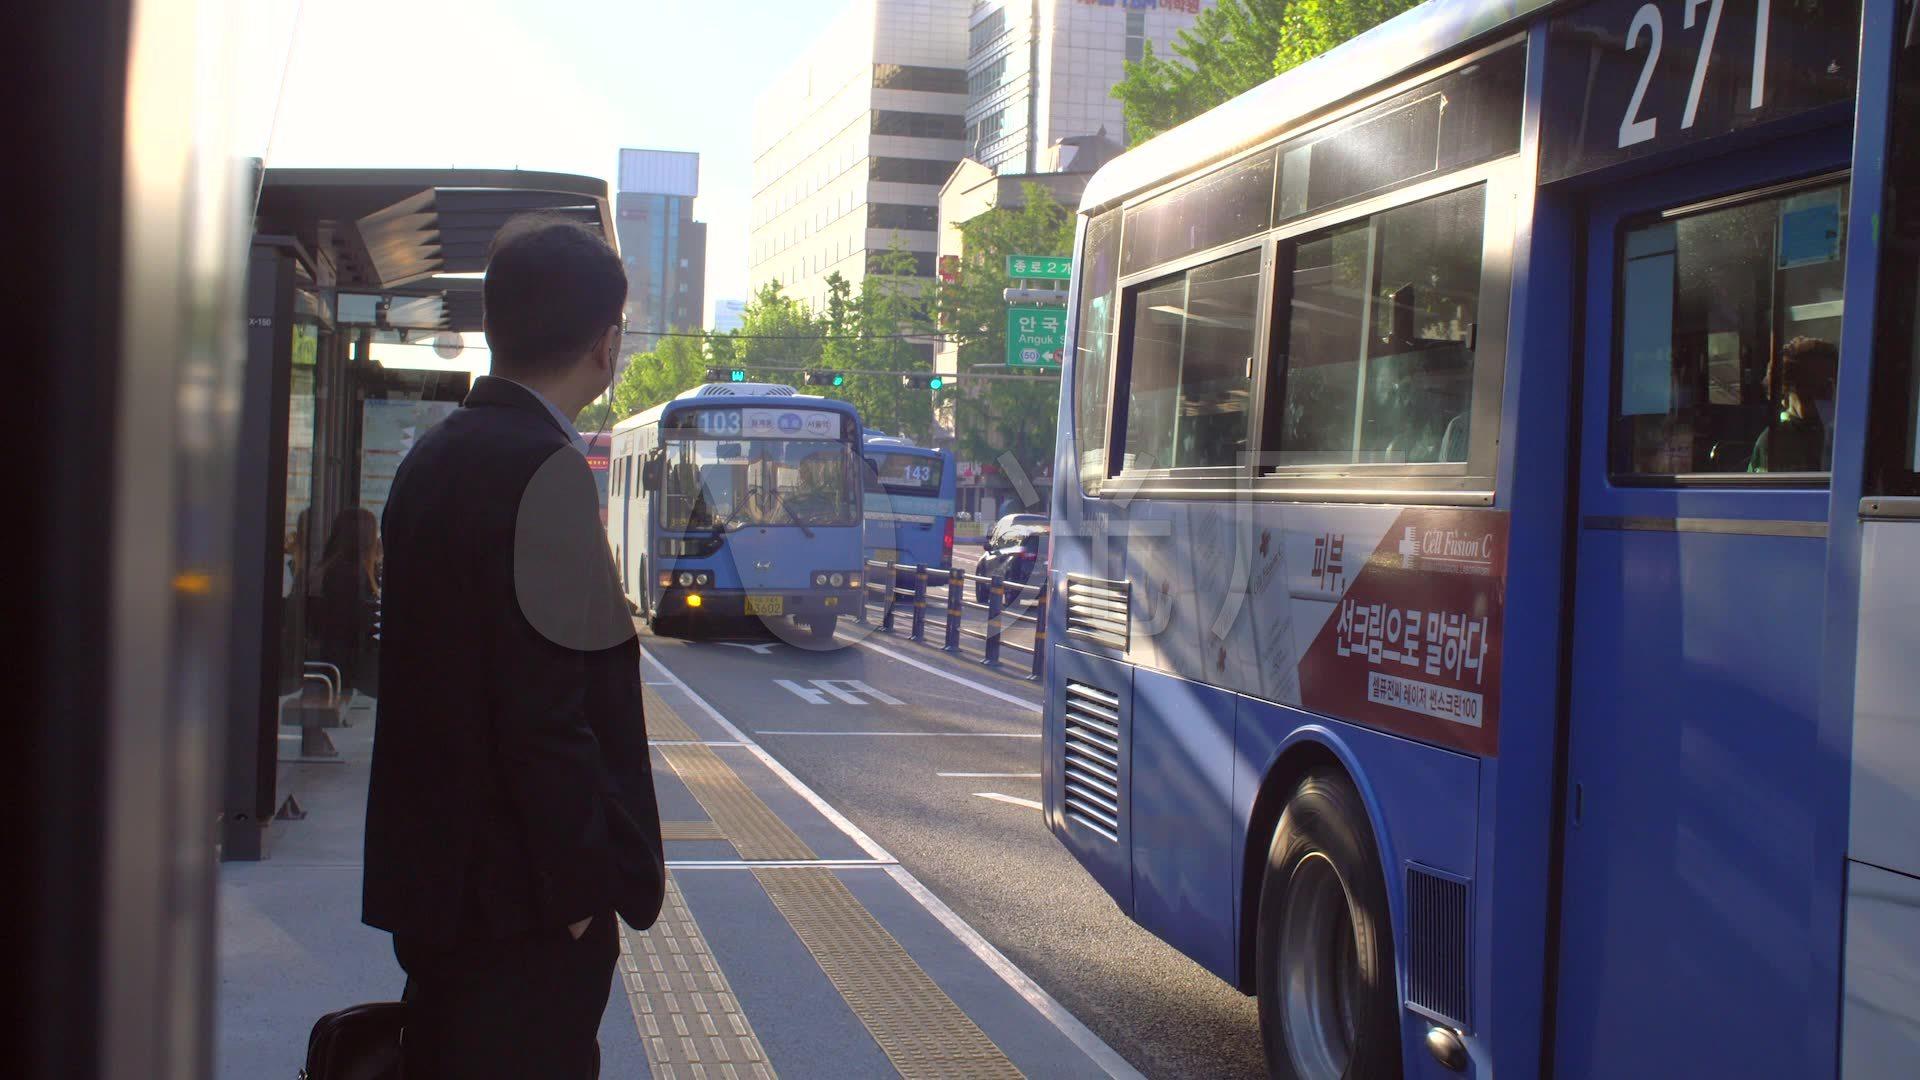 等公交车_1920X1080_视频火车素材下载(编号高清视频手工图片